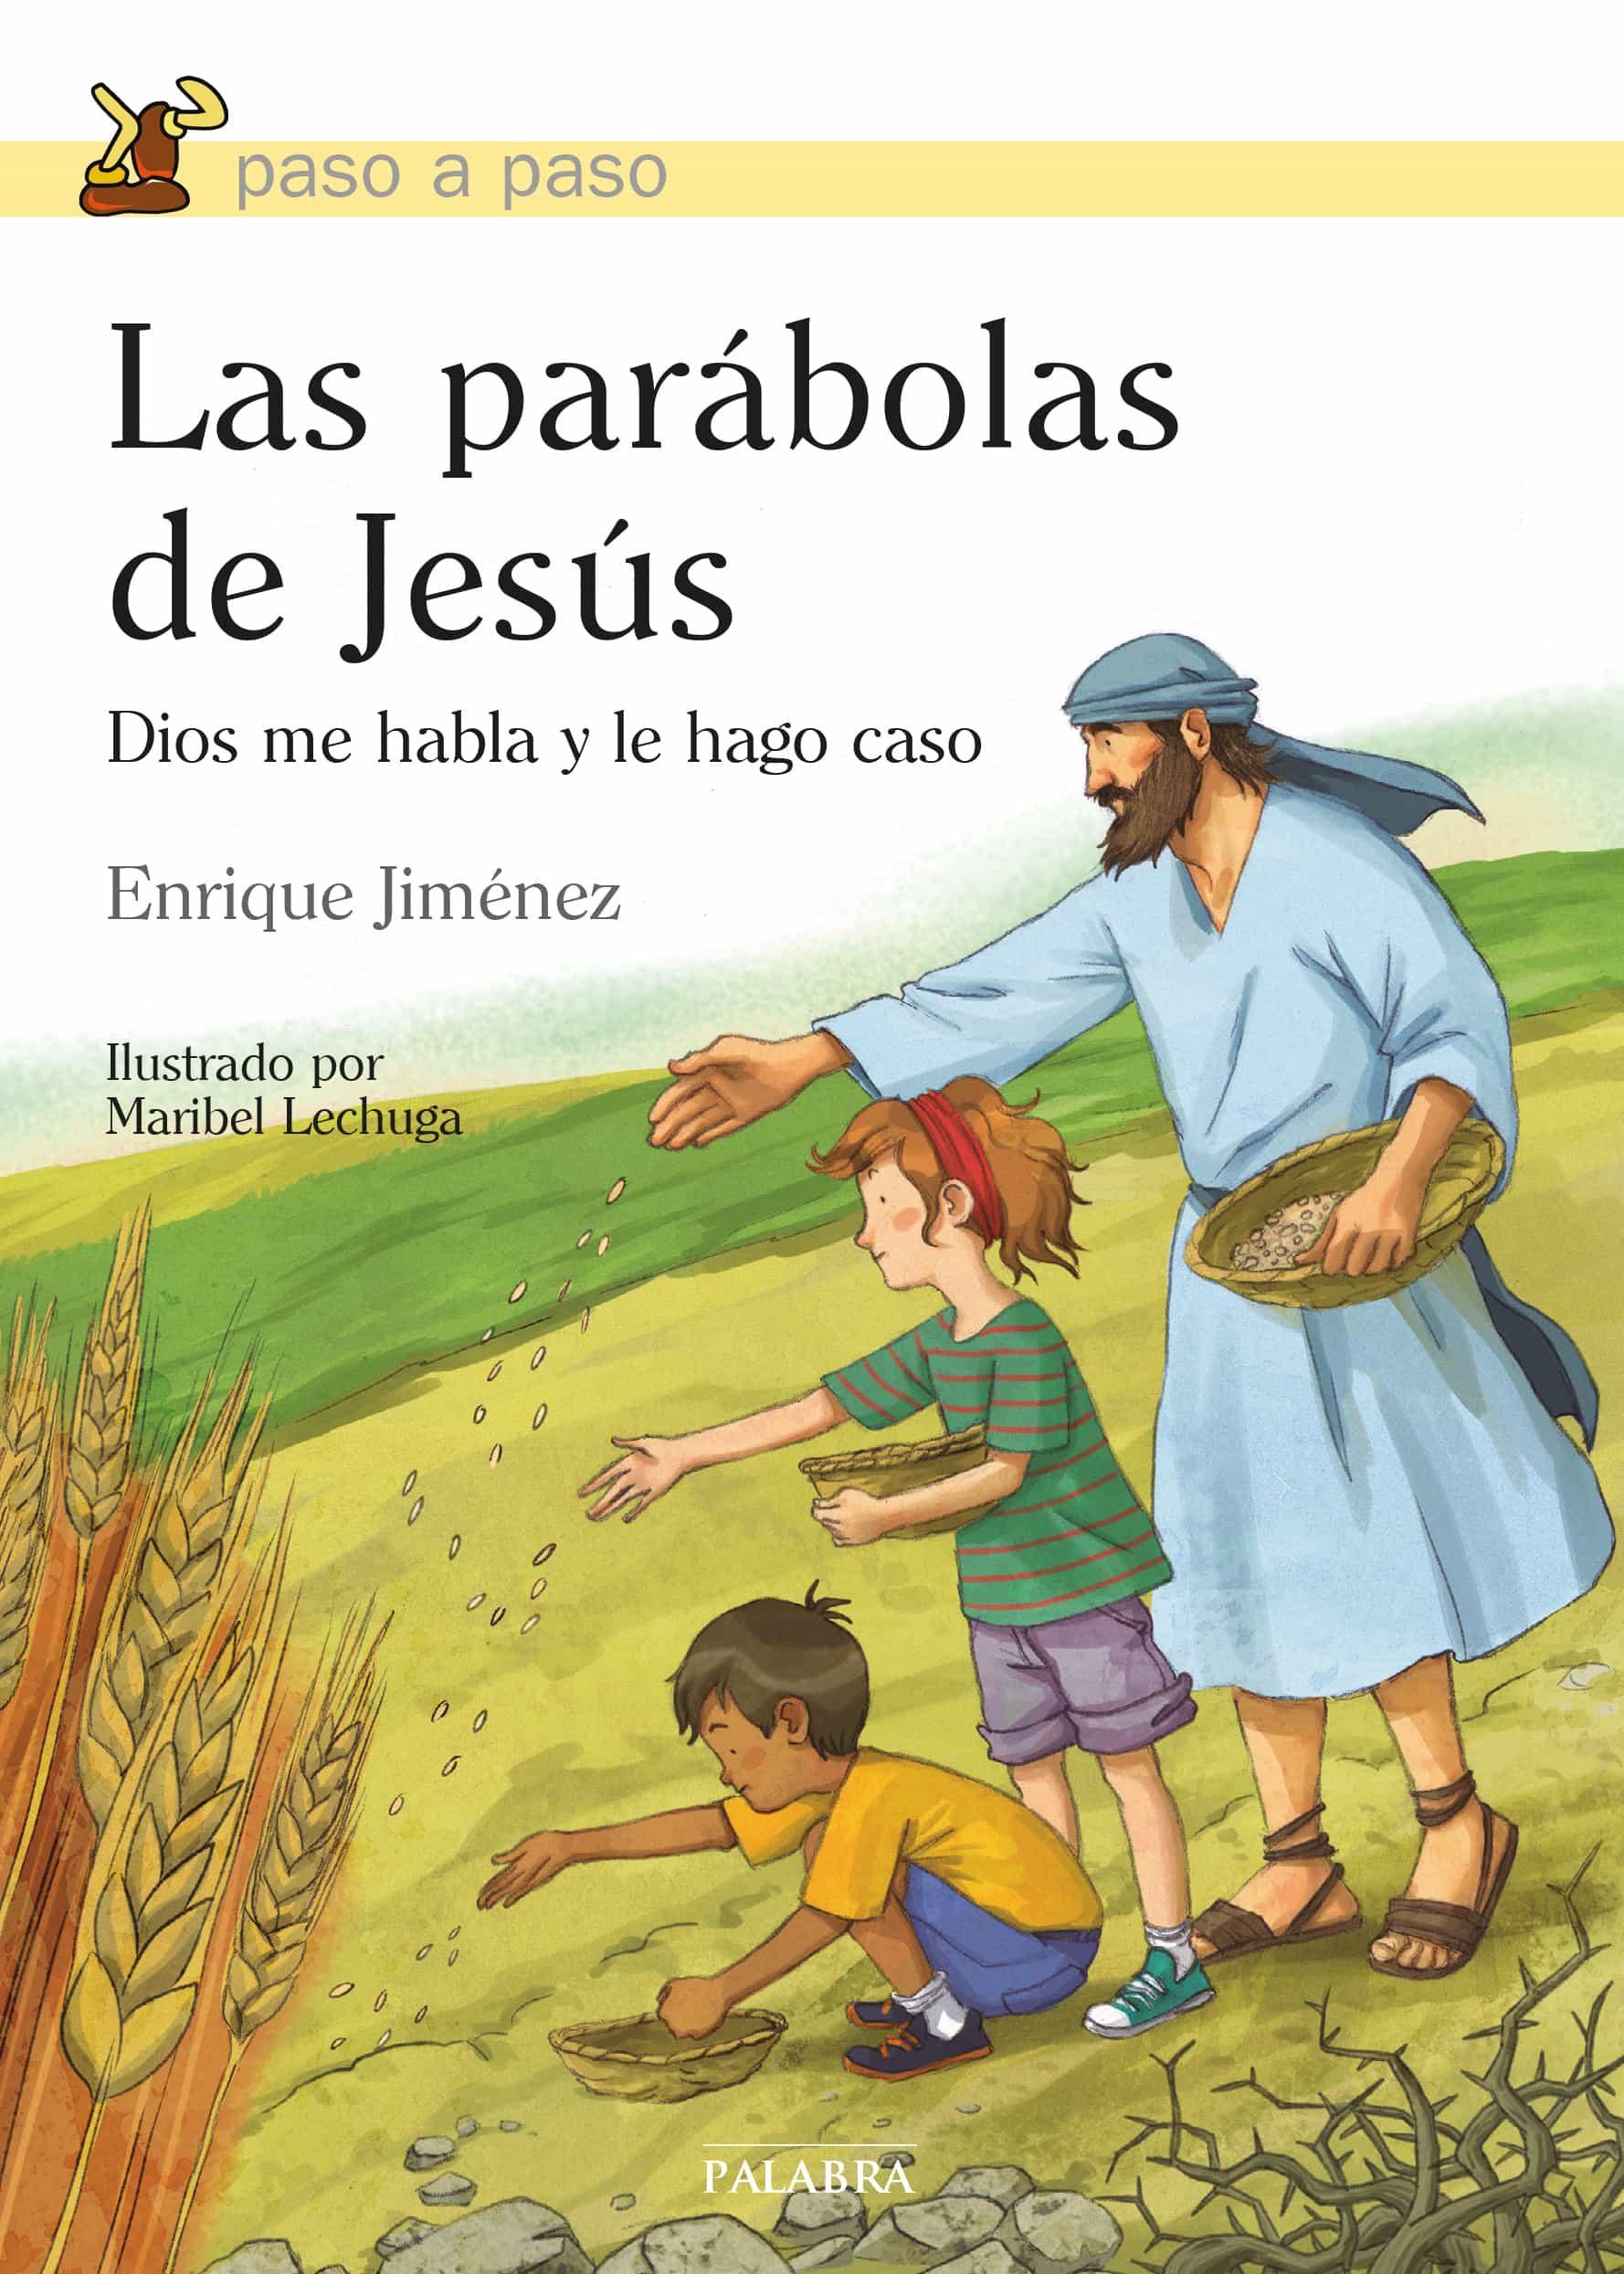 cc5705d8fbc las parabolas de jesus  dios me habla y le hago caso-enrique jimenez-